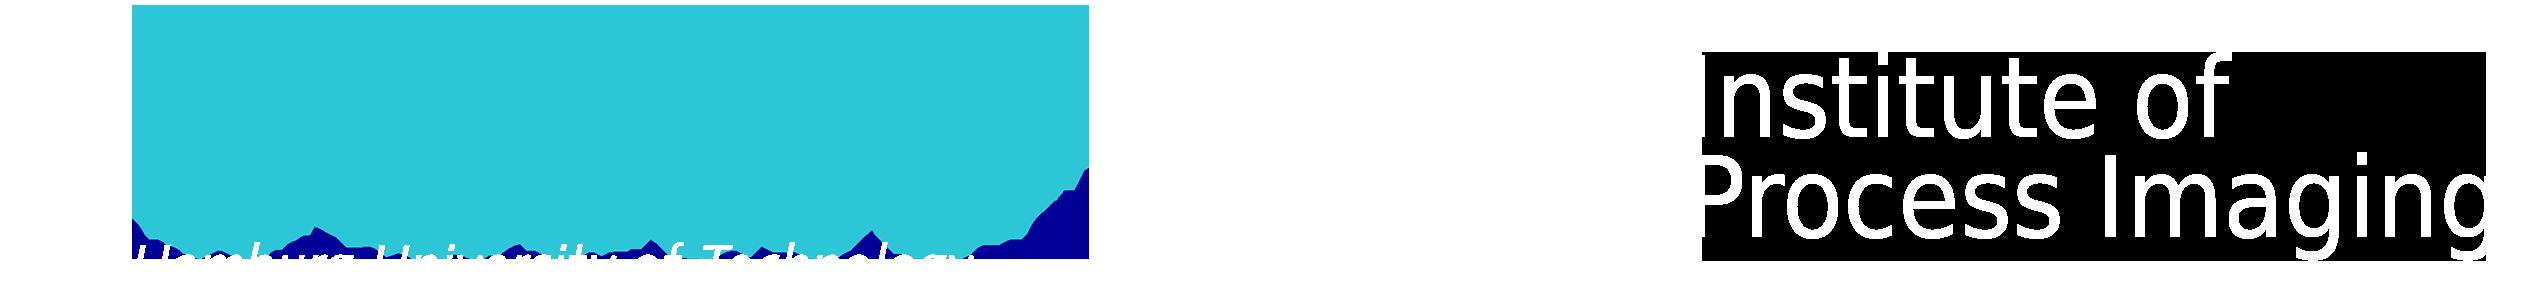 Institute of Process Imaging